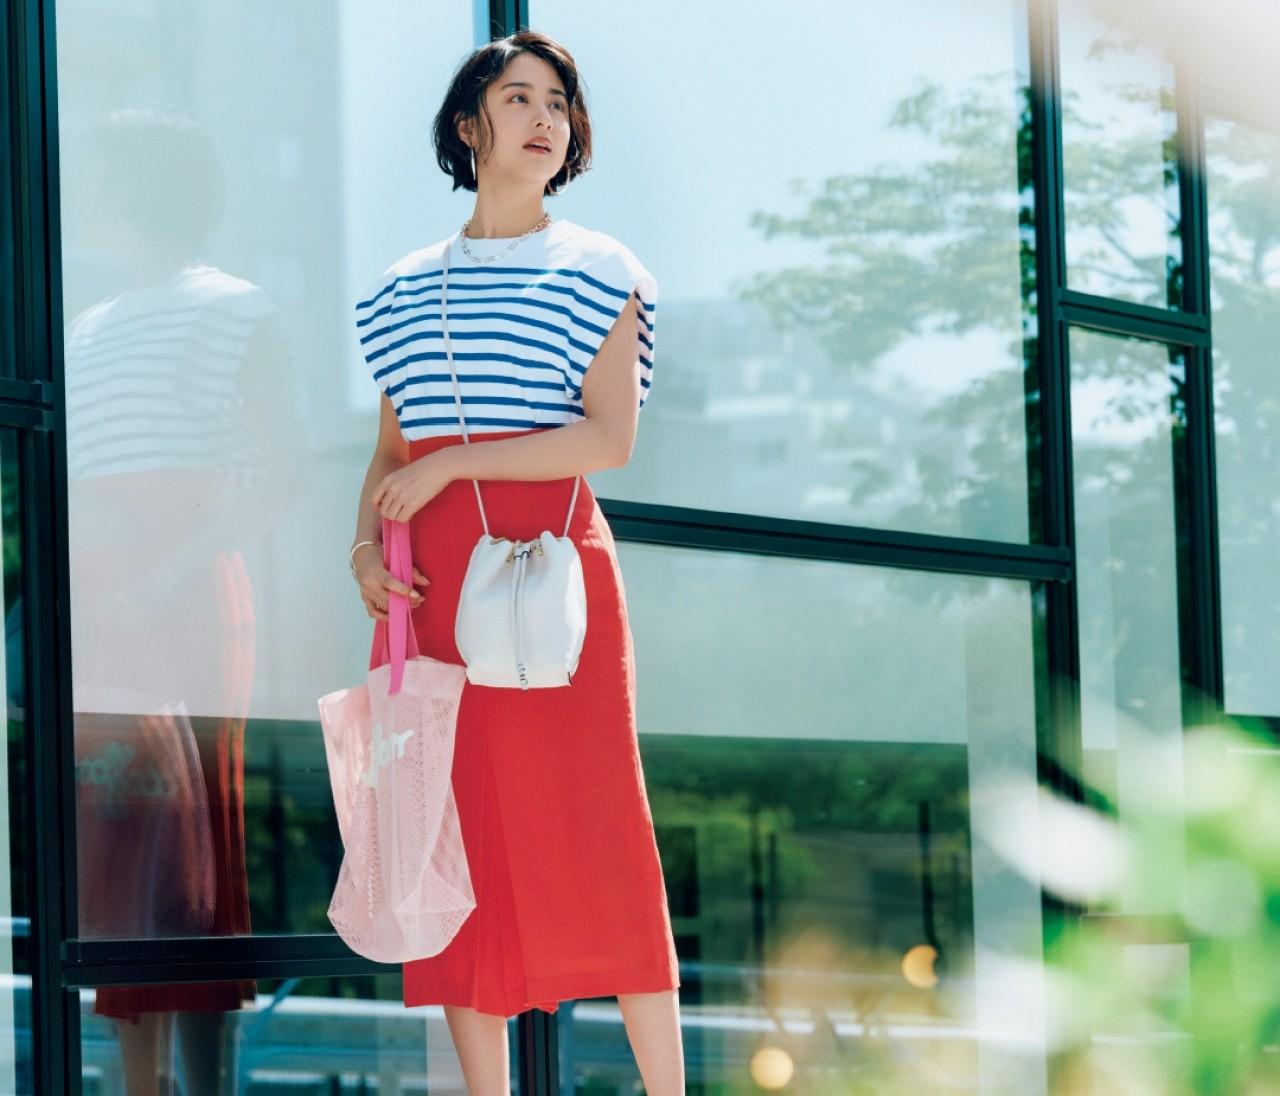 金曜日は、快活なマリンボーダーにカラースカートを合わせて【30代今日のコーデ】